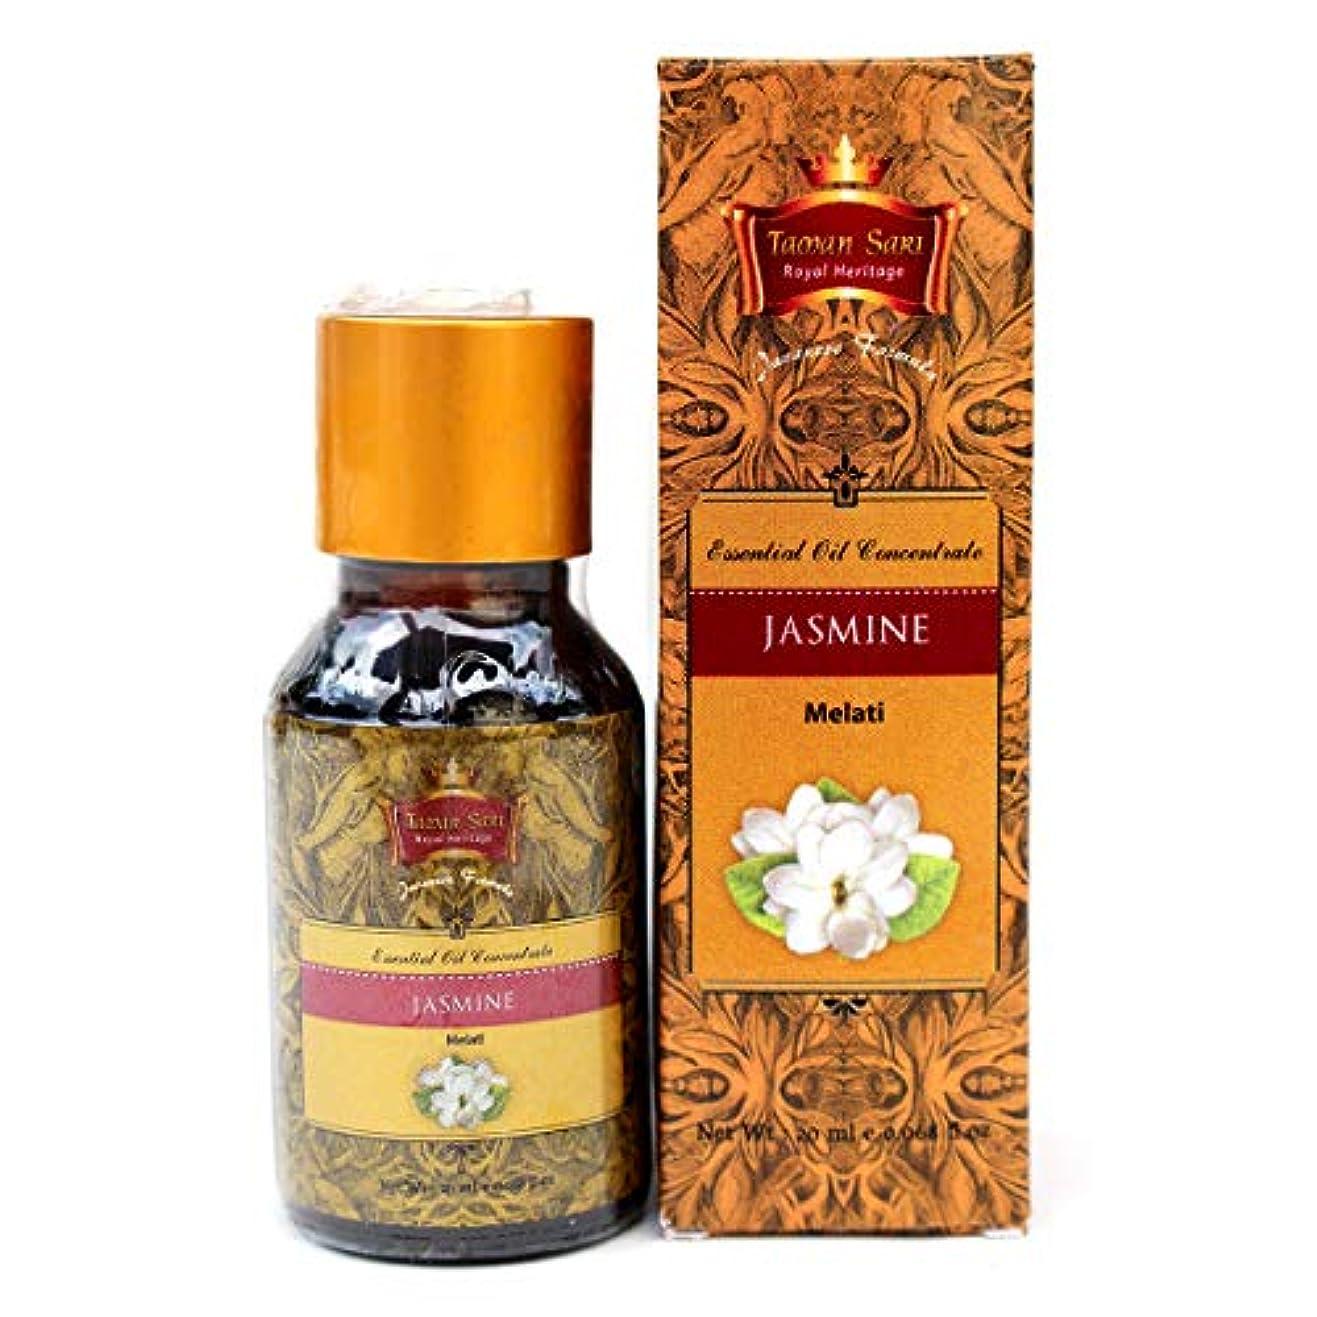 公然とレイジョットディボンドンTaman Sari タマンサリ エッセンシャルオイル ムスティカラトゥ高級スパブランド Jasmine ジャスミン 20ml